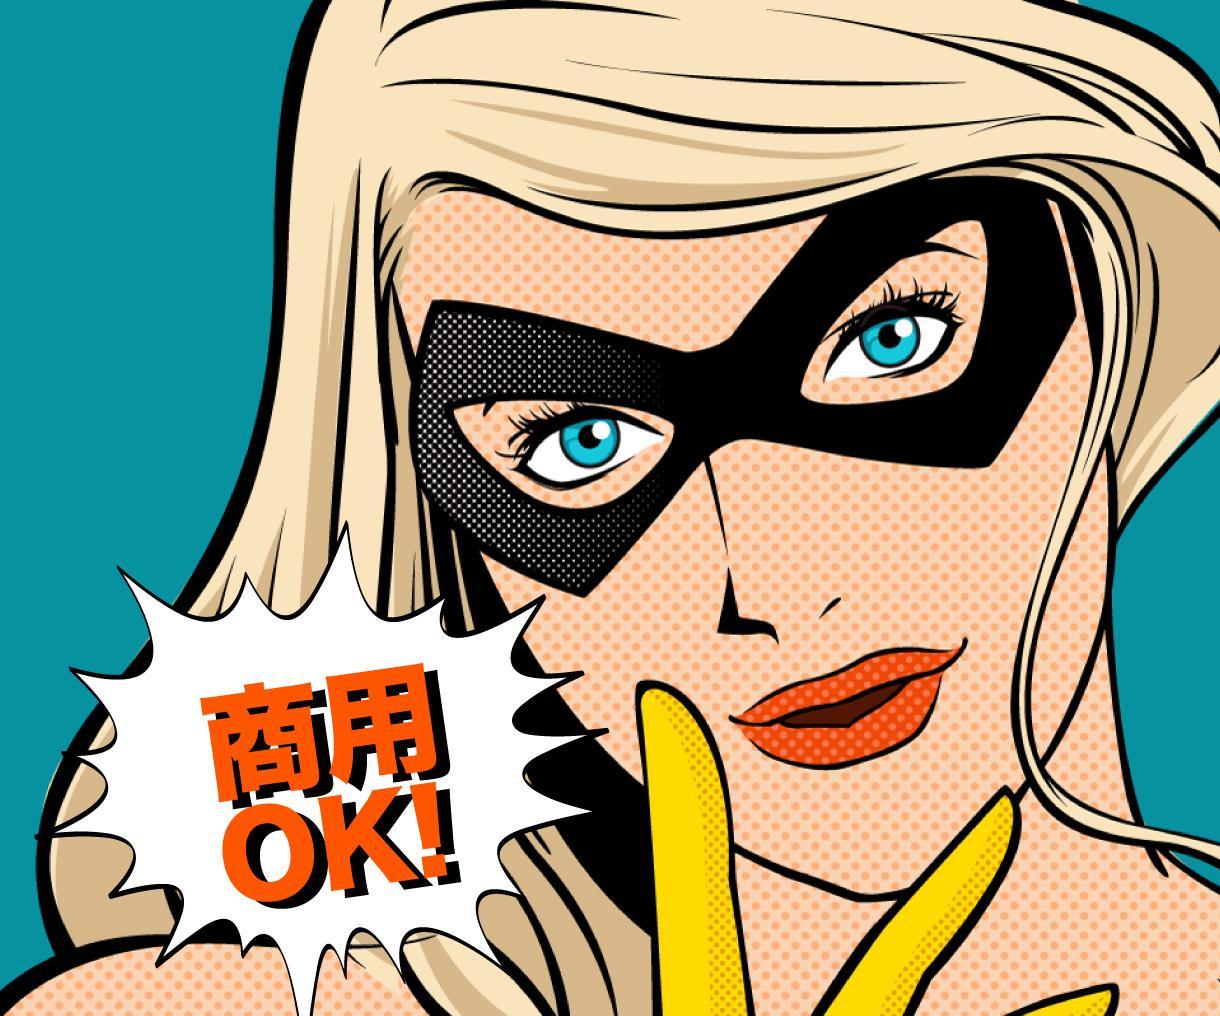 商用利用ok!アメコミ風イラスト 作成します かっこいいアメコミ風ヒーローのイラストです。